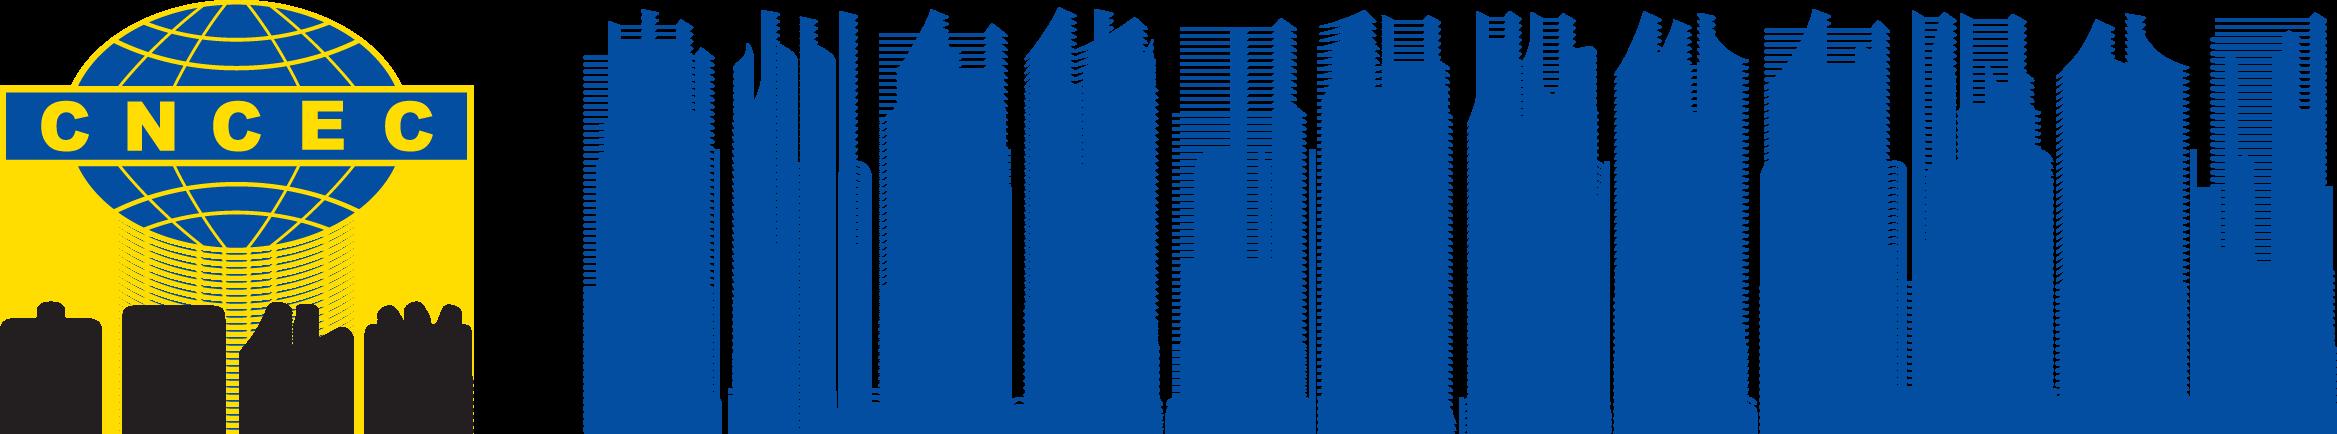 logo-深蓝